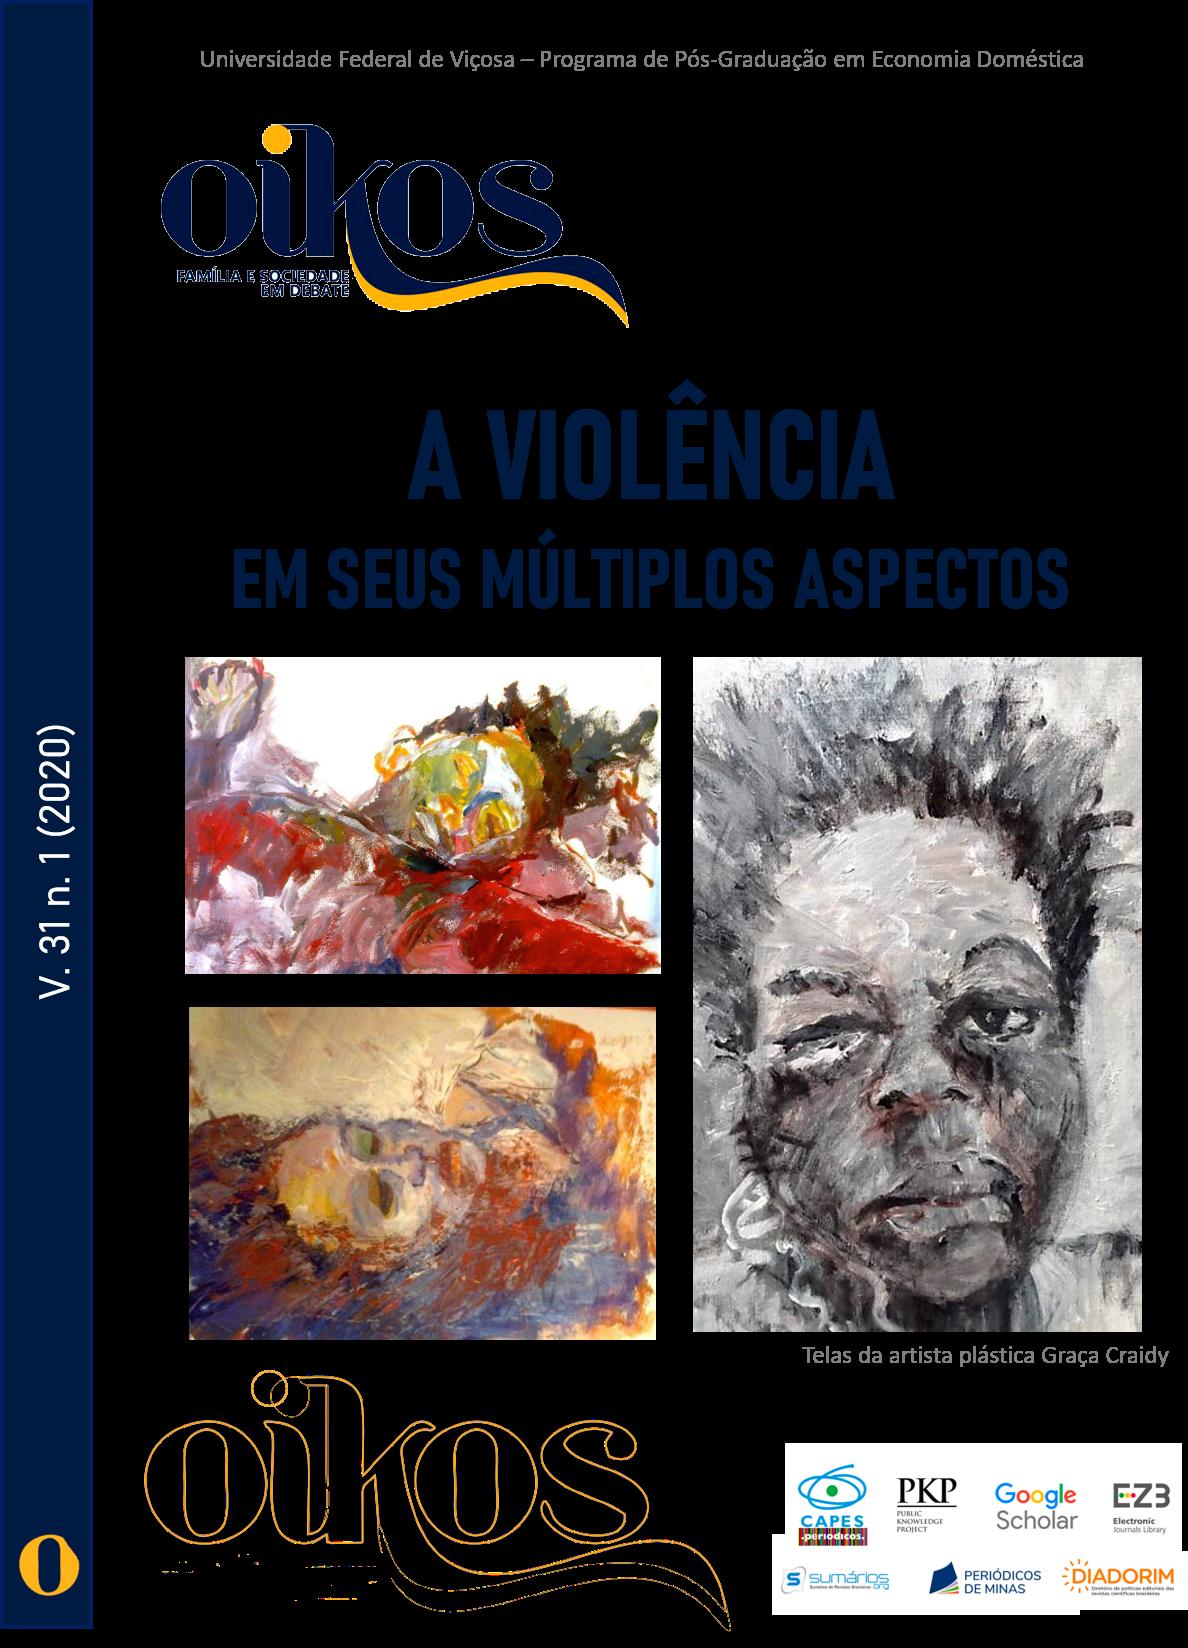 Visualizar v. 31 n. 1 (2020): DOSSIÊ: A VIOLÊNCIA EM SEUS MÚLTIPLOS ASPECTOS